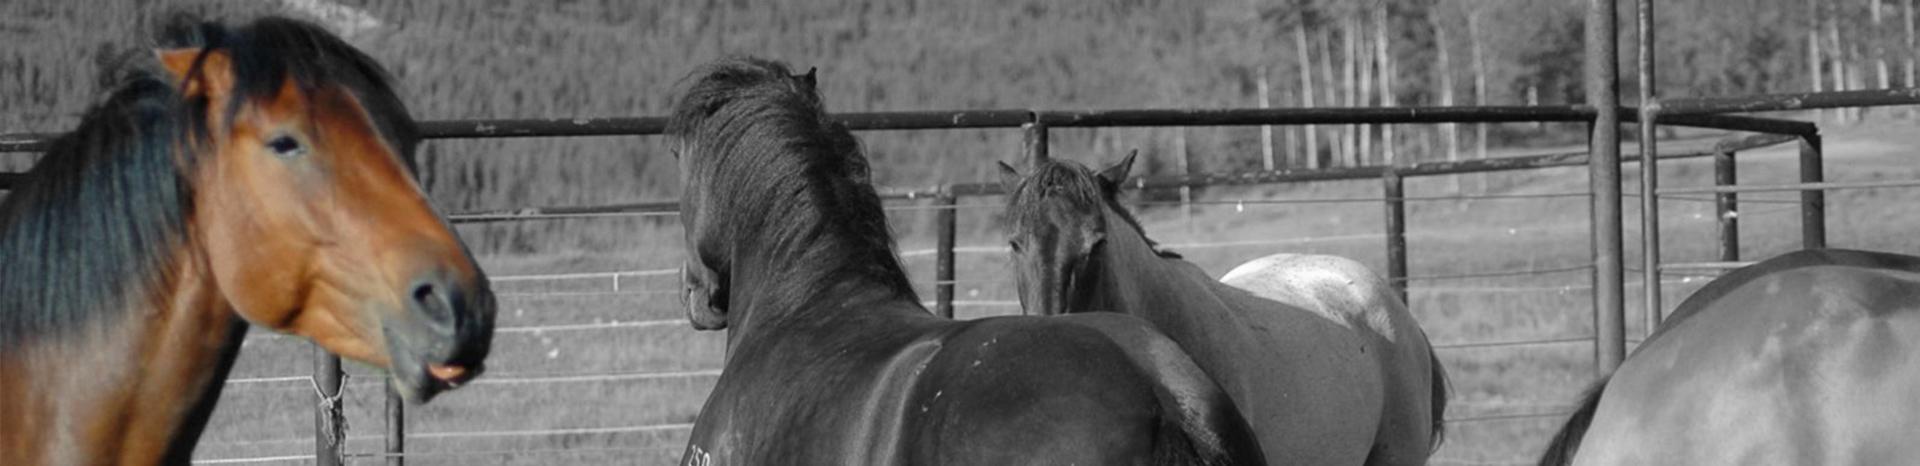 Ongeluk met paard, trap en val van paard